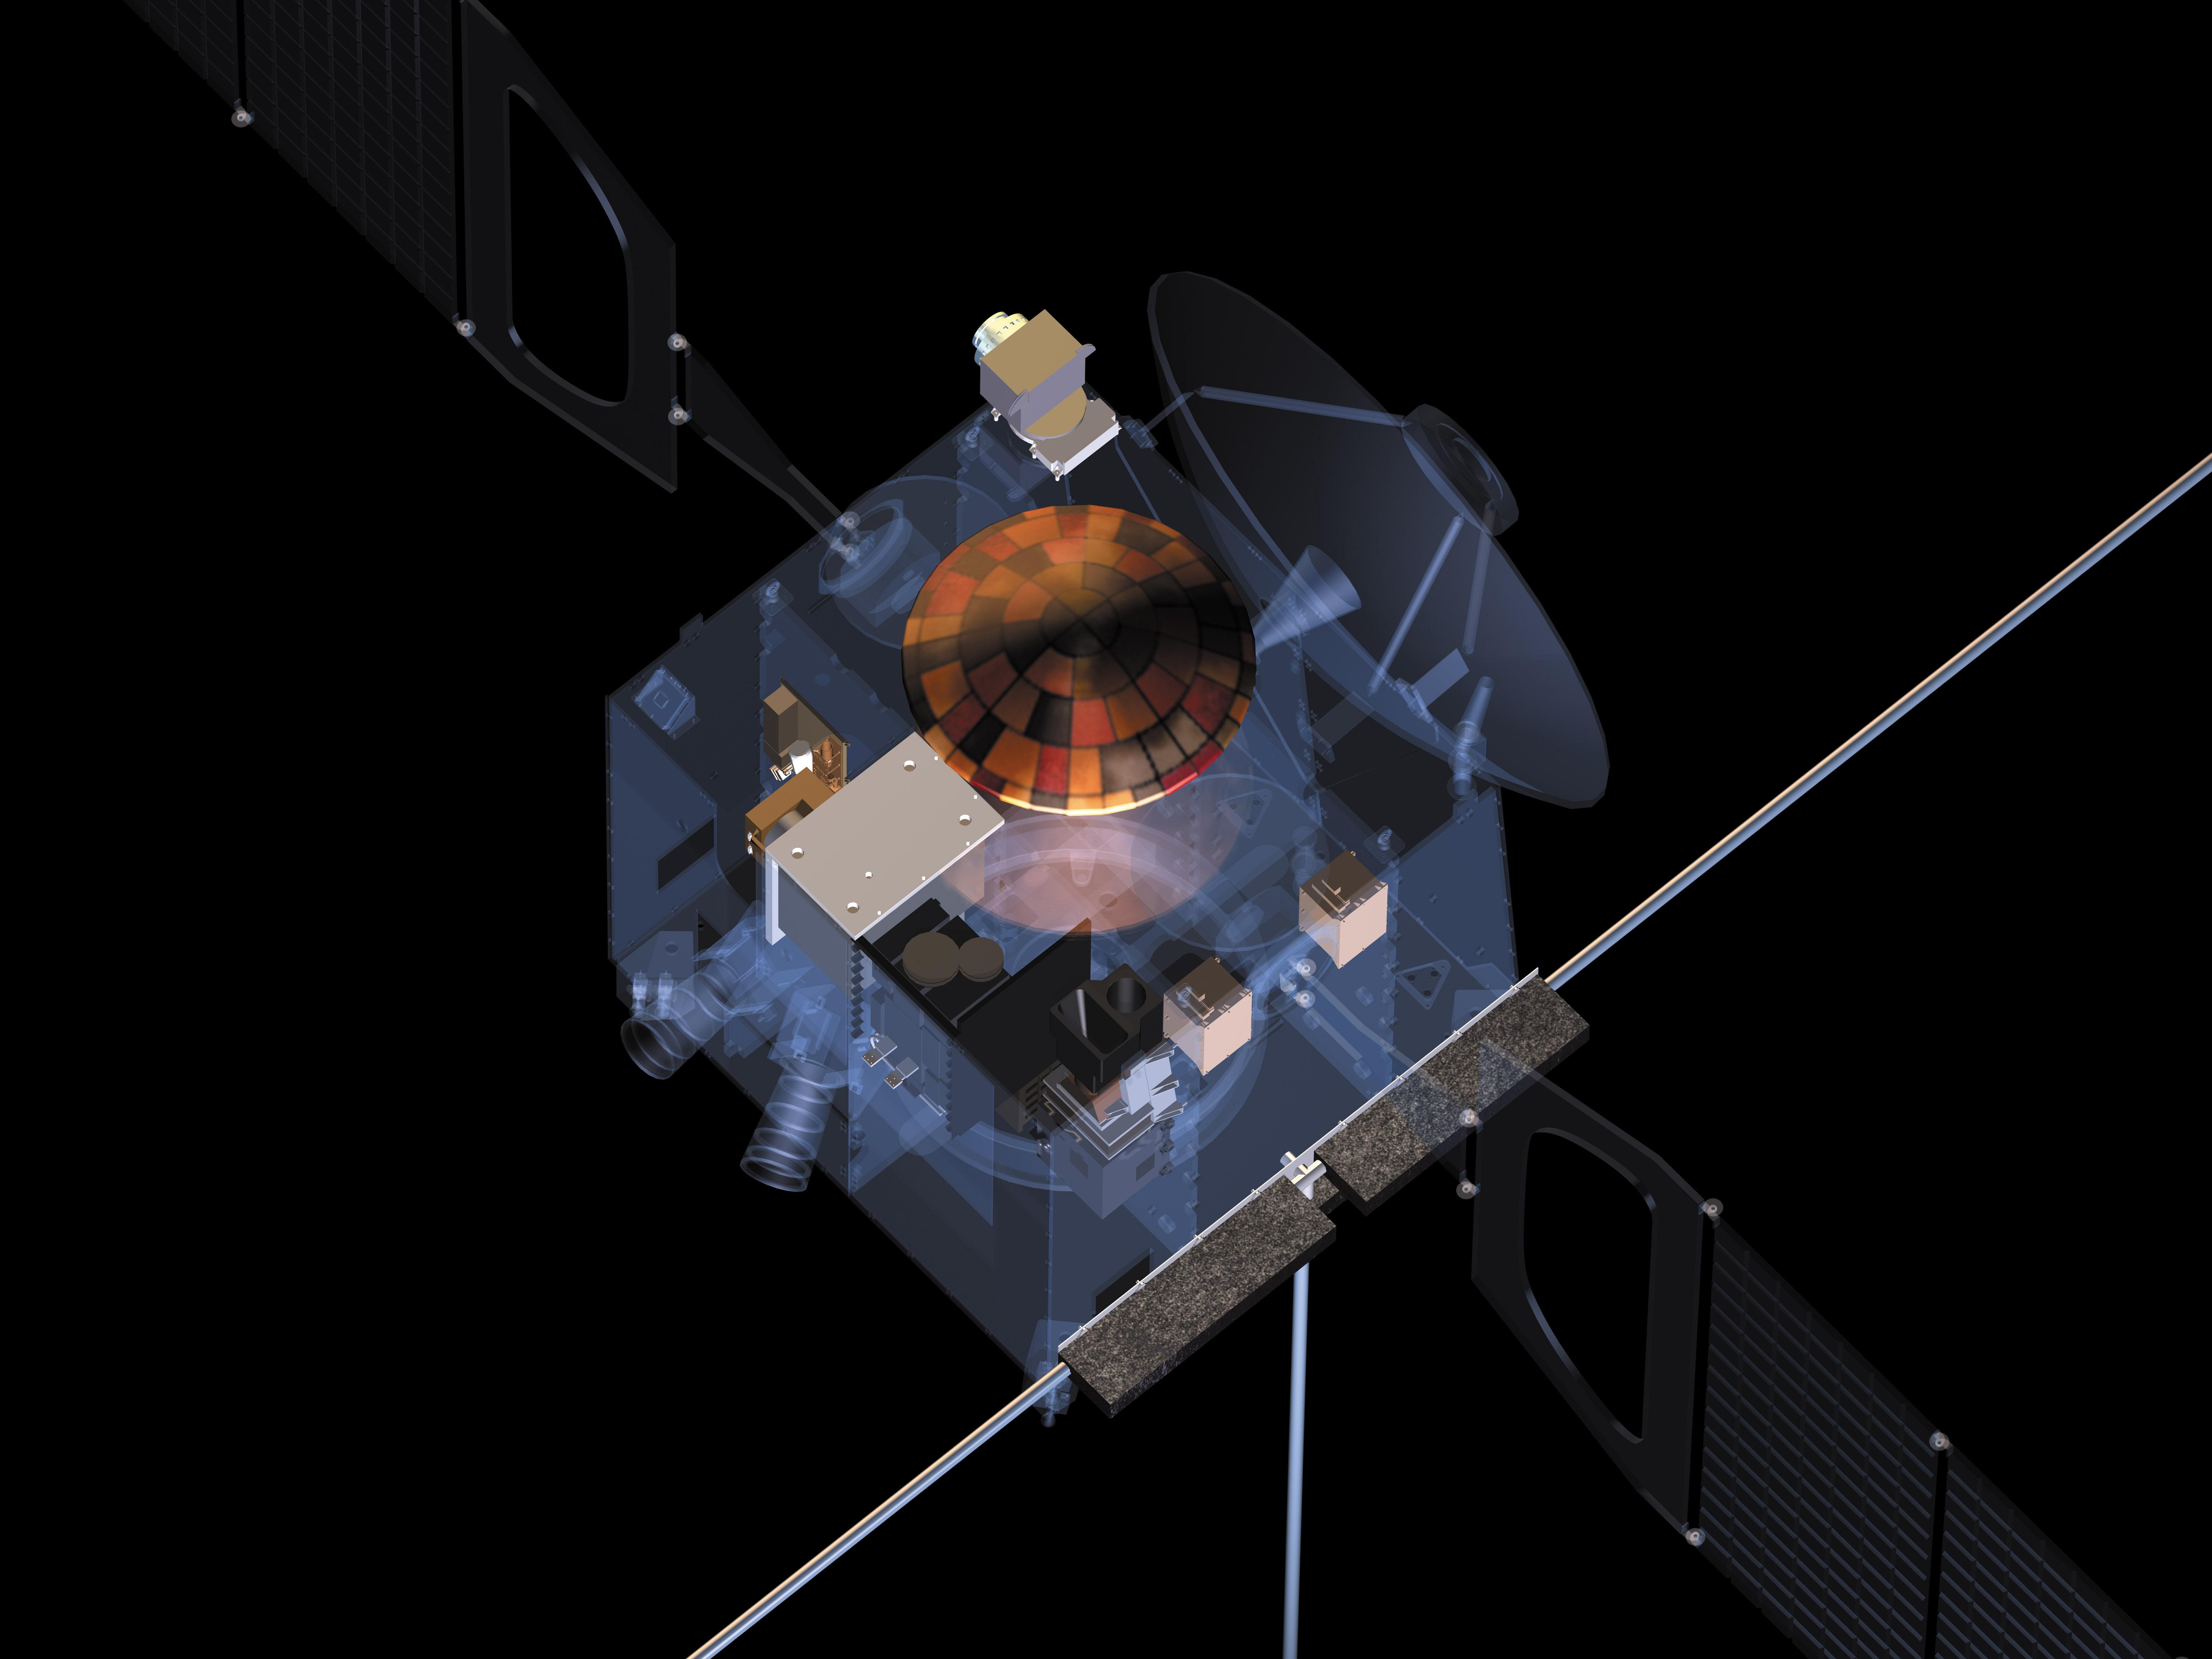 Modello trasparente di Mars Express che illustra la disposizione degli strumenti scientifici. Sul lato superiore è possibile osservare l'antenna per le comunicazioni con la Terra, Beagle 2 e PFS